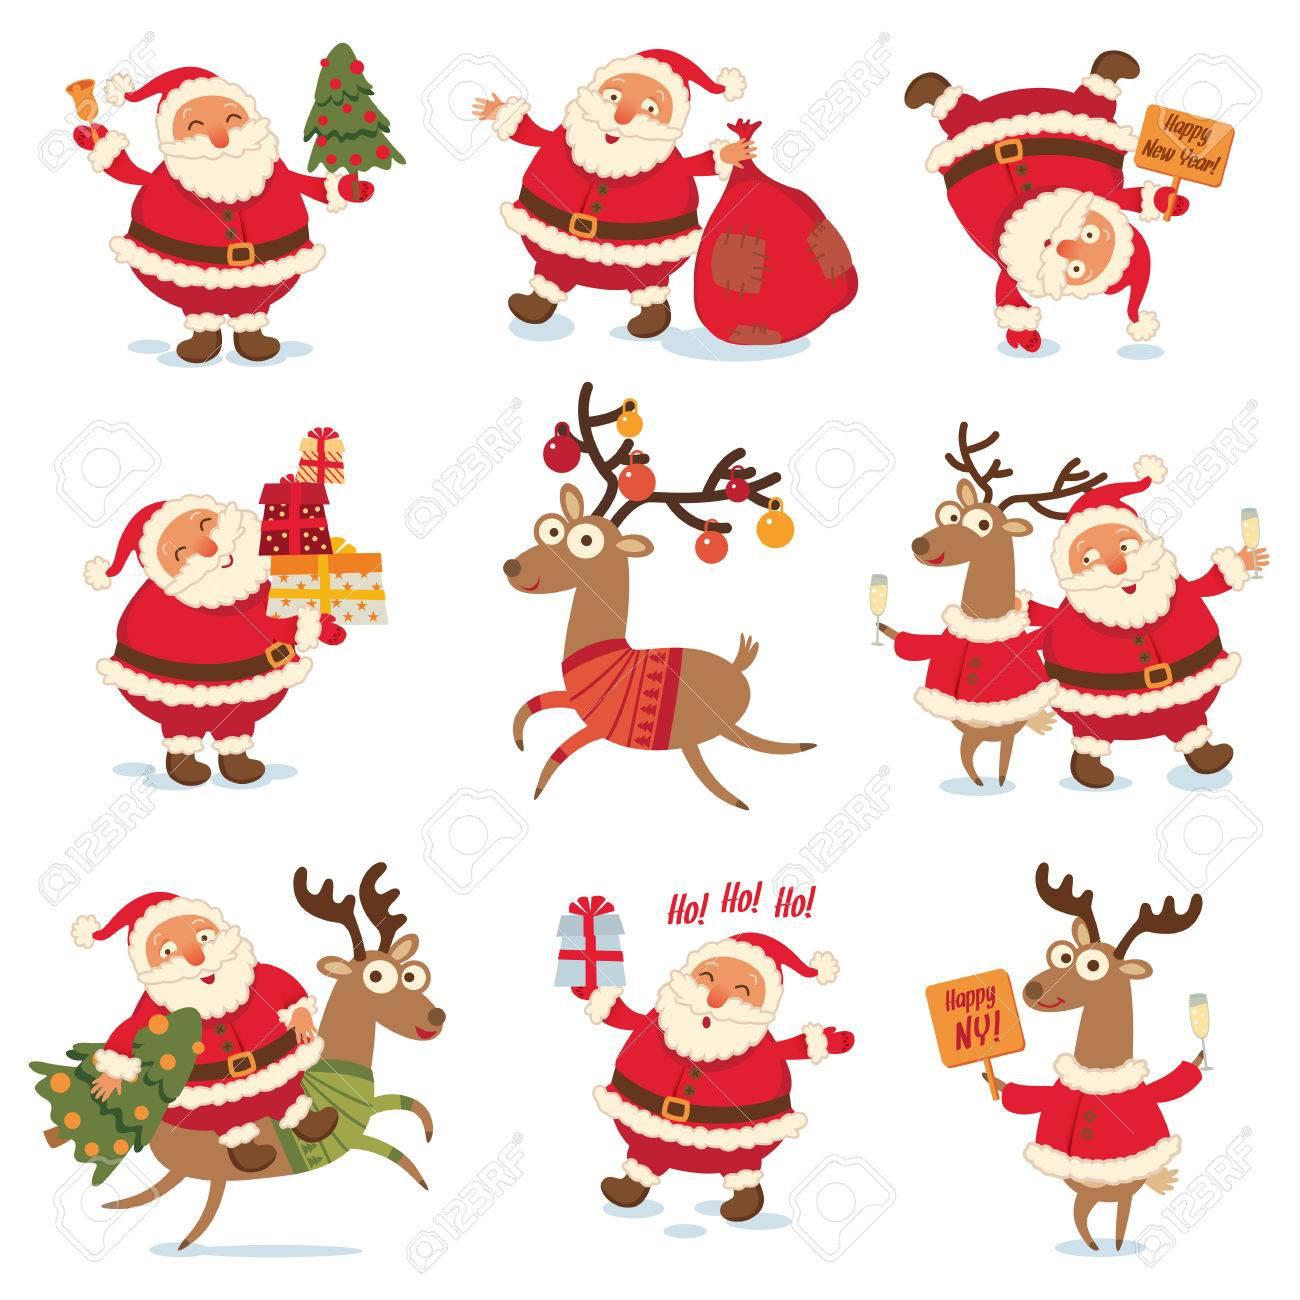 Weihnachtsmann Sack Lizenzfreie Vektorgrafiken Kaufen: 123RF